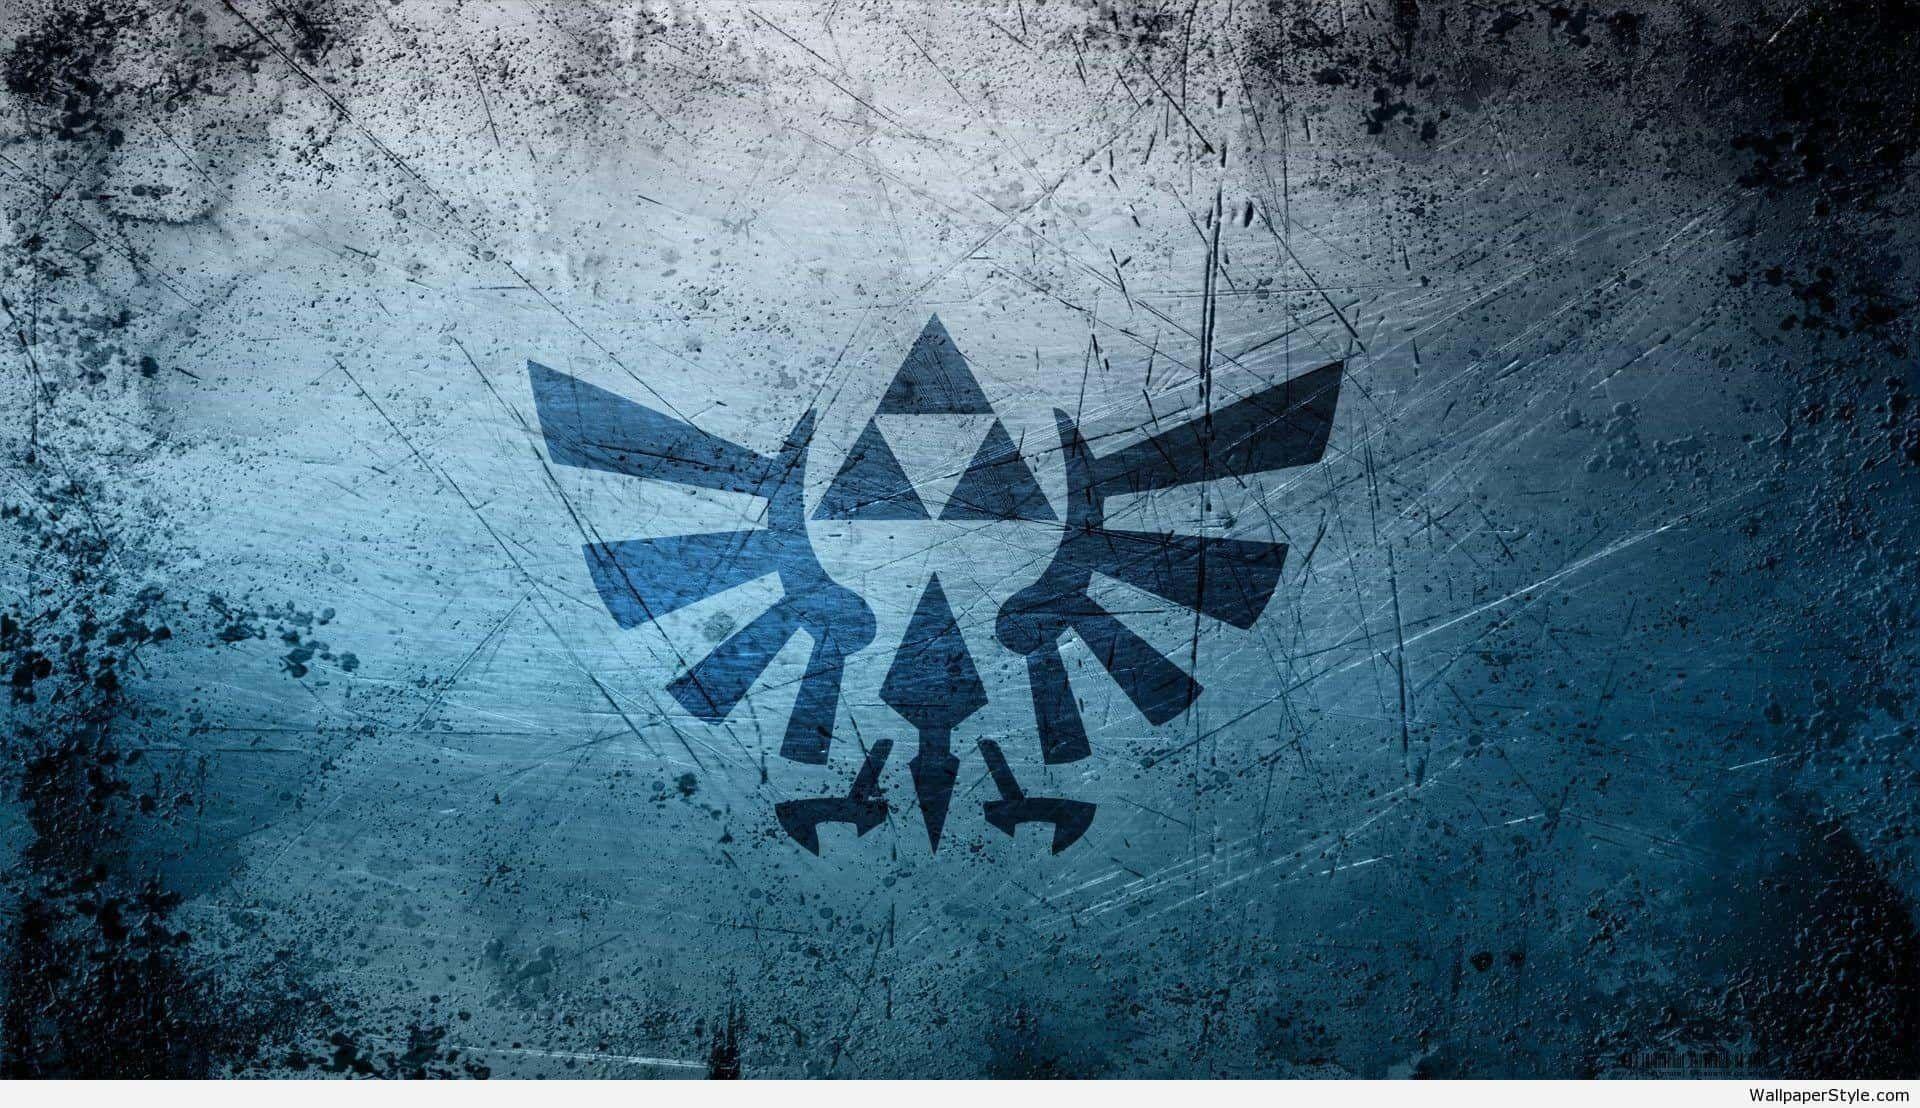 Wallpaper Zelda Http Wallpaperstyle Com Wallpaper Zelda 1357 Wallpaper Zelda Wallpaper Zelda Gaming Wallpapers Zelda Logo Zelda Hd